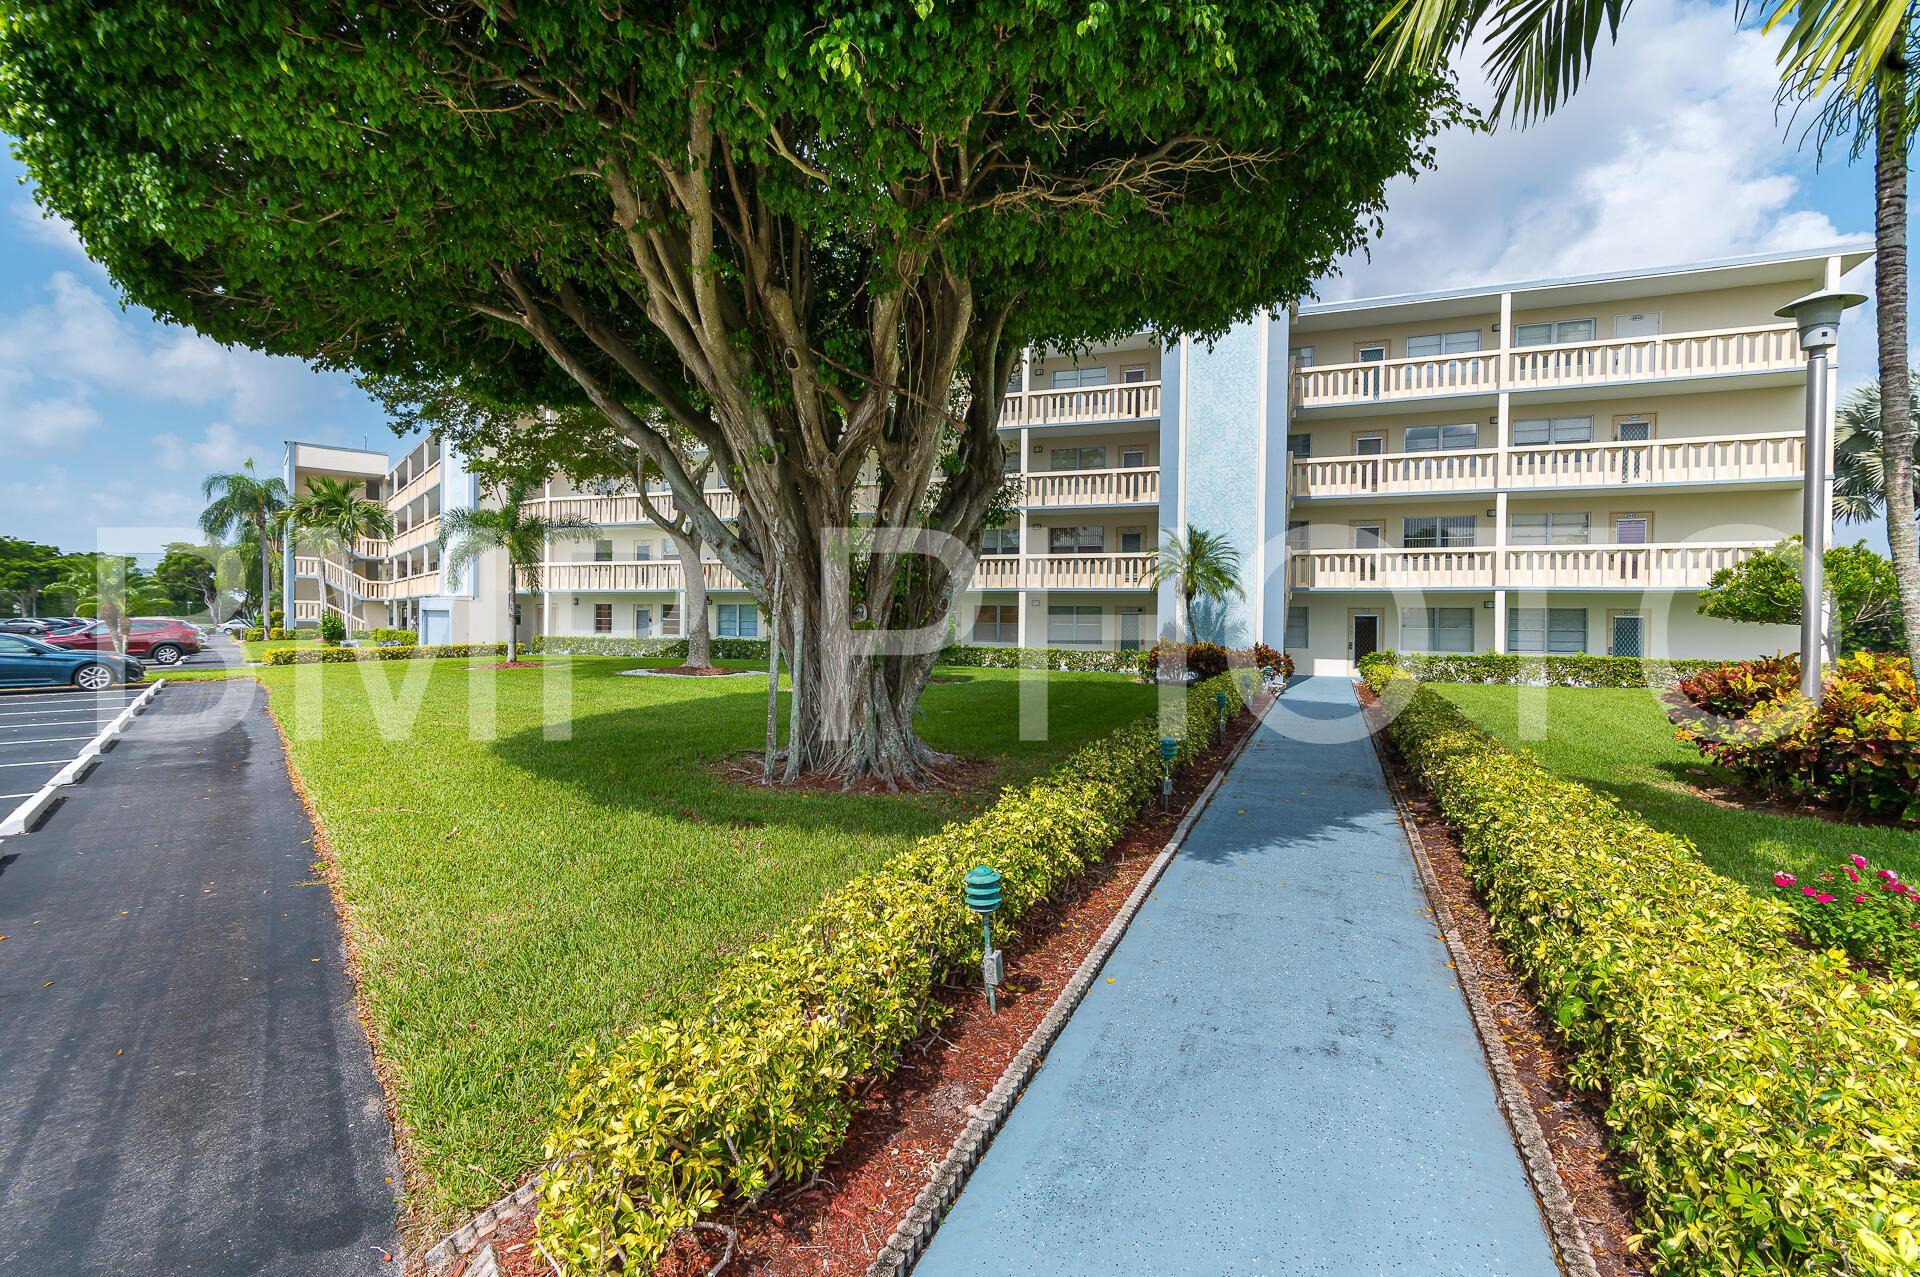 3053 Ainslie D, Boca Raton, FL 33434 - MLS#: RX-10690814